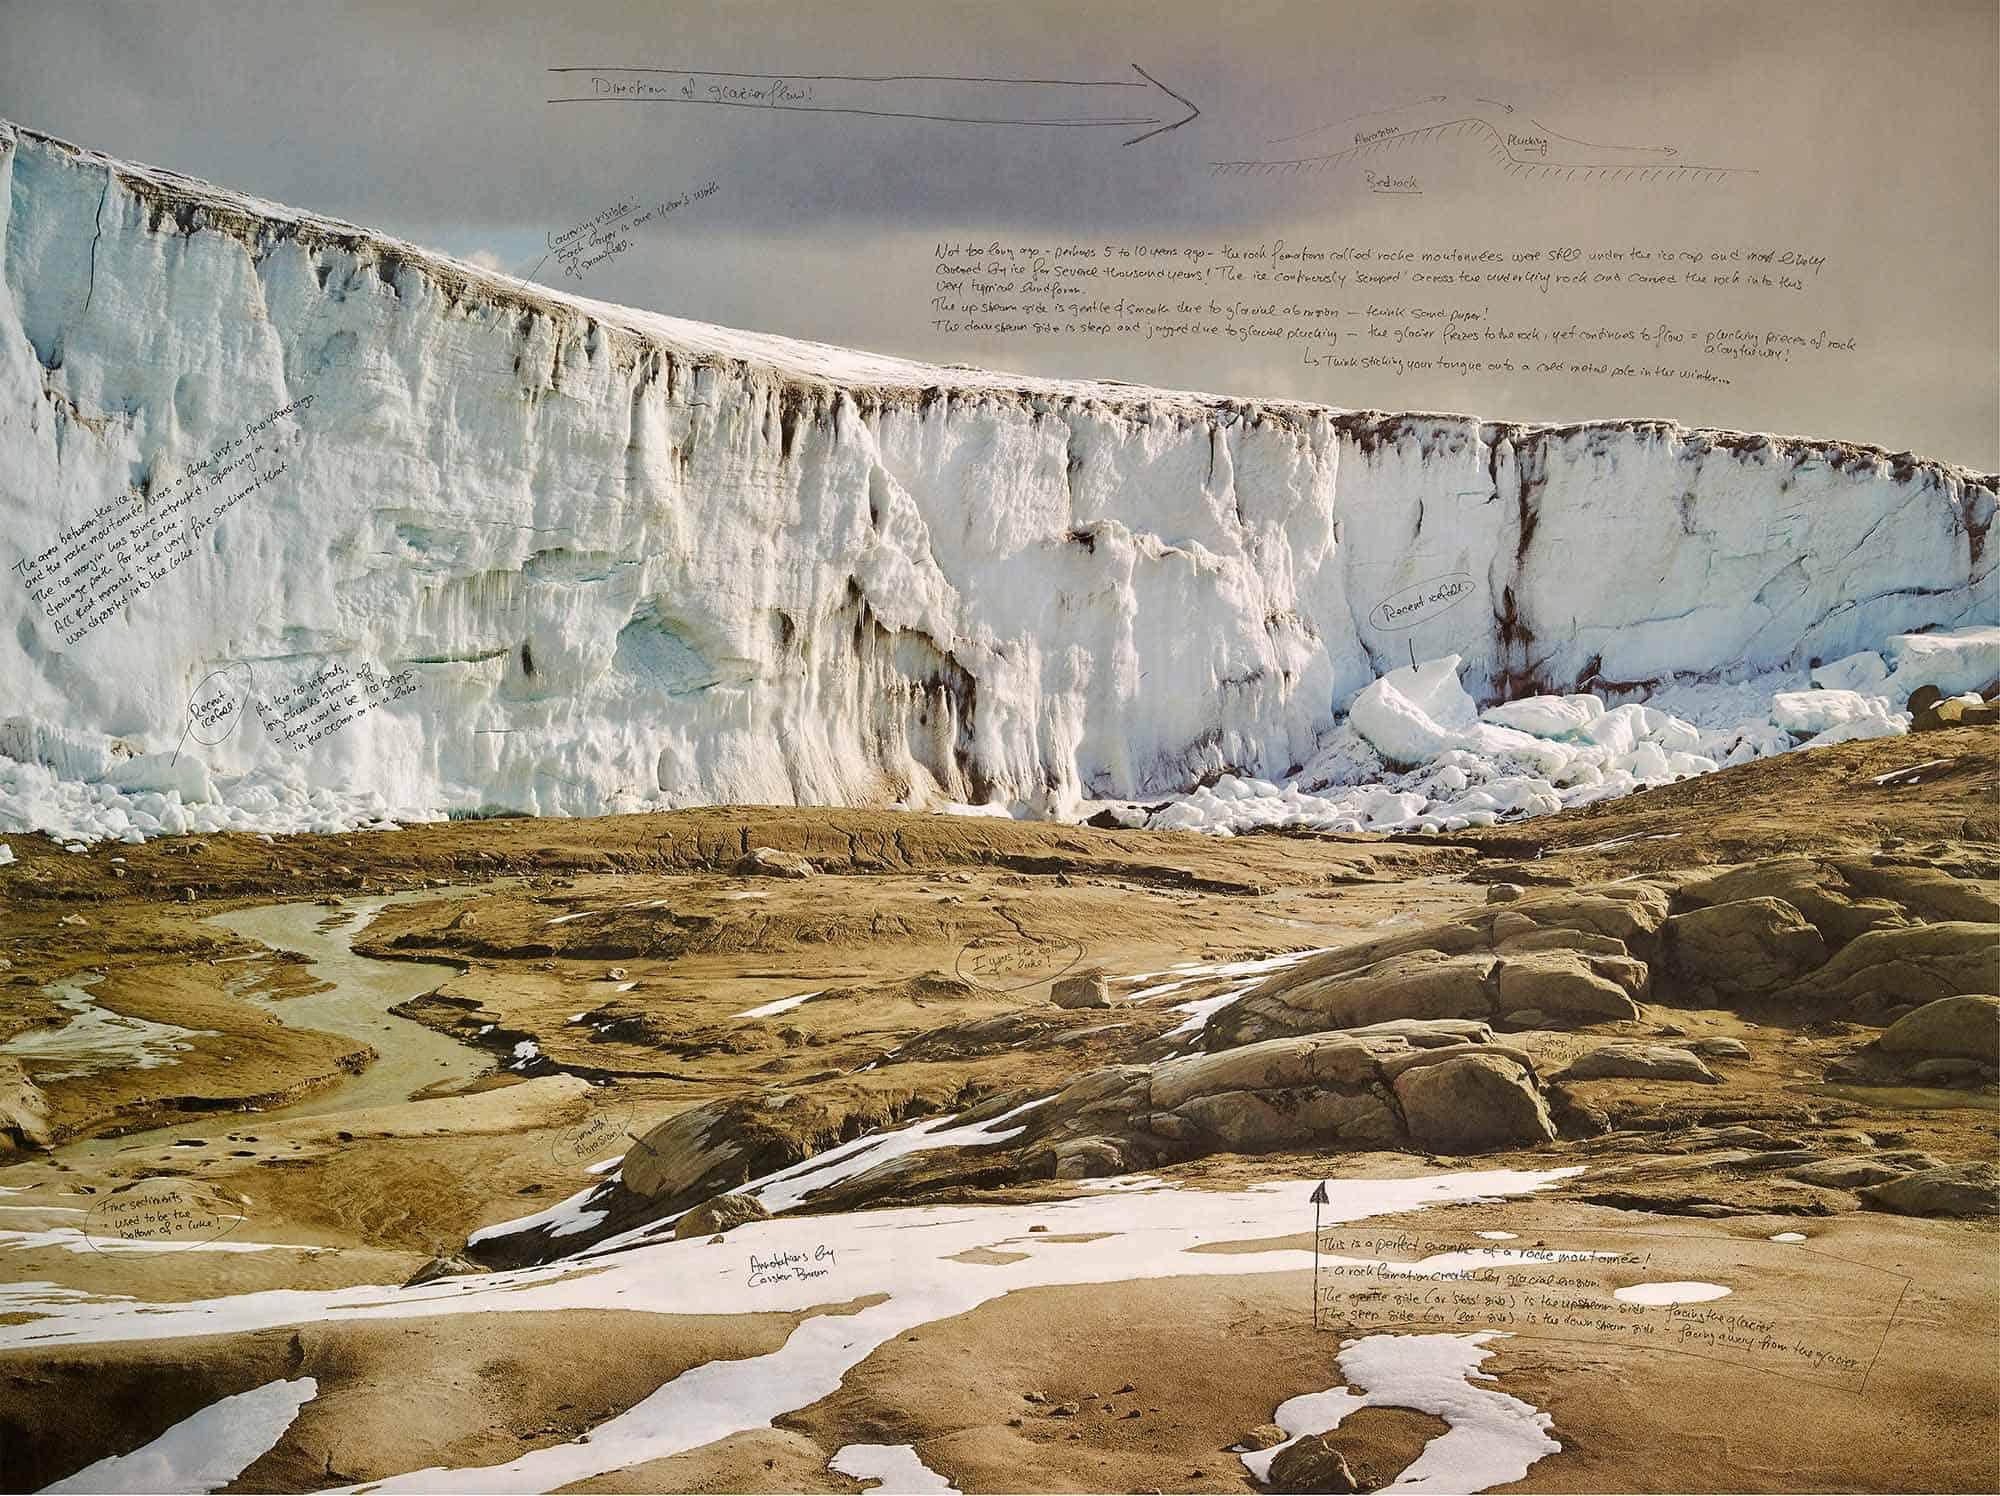 التغير المناخي يخترق الزمن الجيولوجي